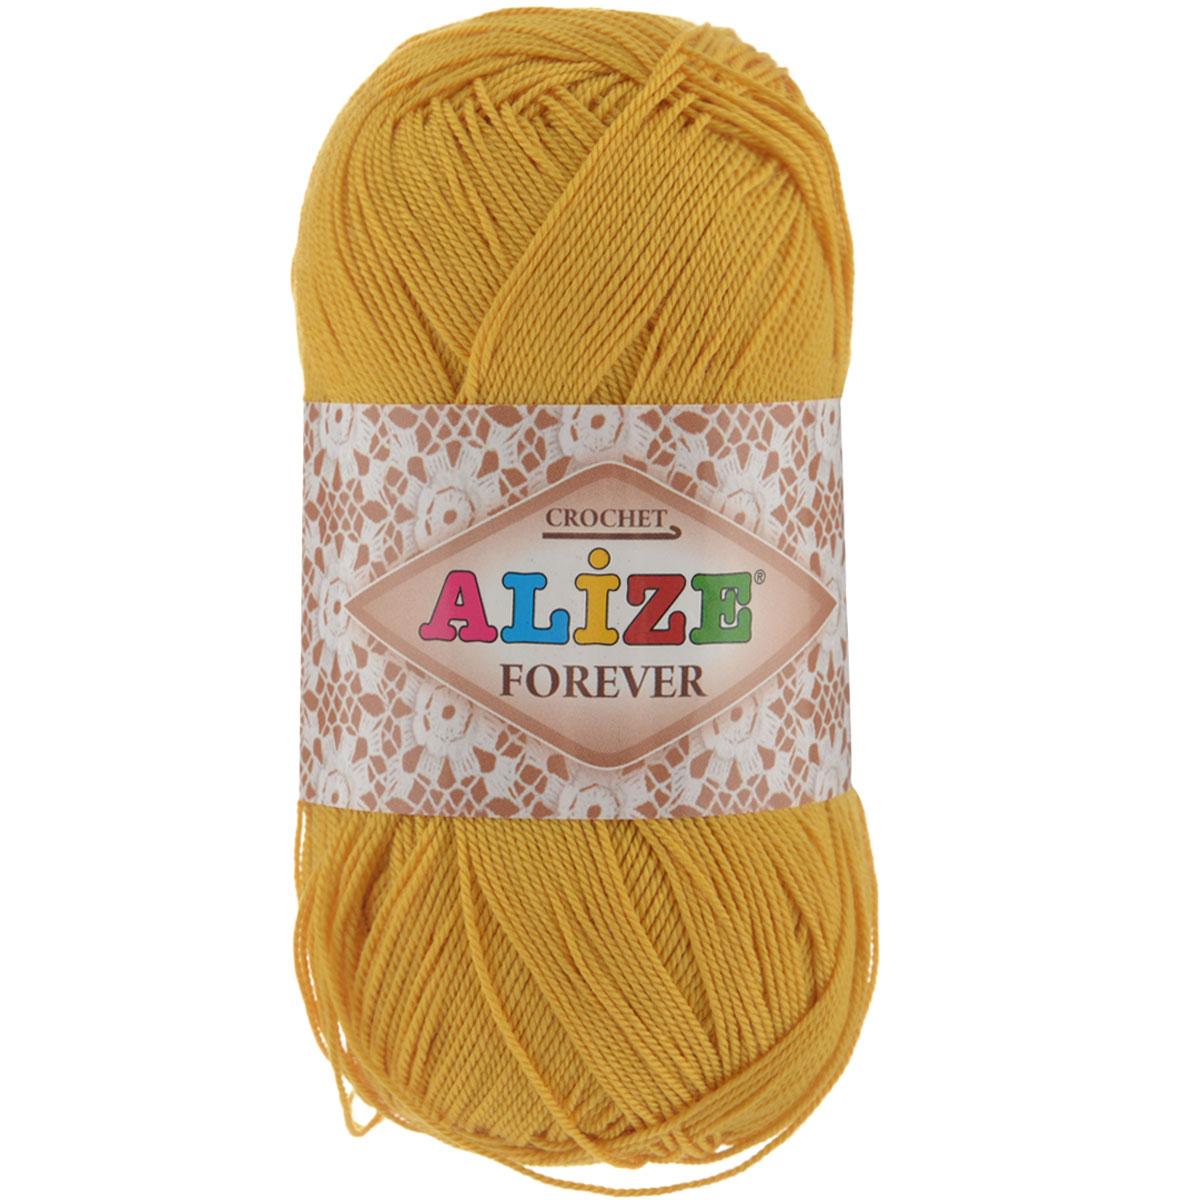 Пряжа для вязания Alize Forever, цвет: темно-желтый (488), 300 м, 50 г, 5 шт367022_488Alize Forever - это тщательно обработанная акриловая пряжа, которая приобретает вид мерсеризованной нити. Классическая пряжа, прочная, мягкая и шелковистая. Большое разнообразие цветов и оттенков от спокойных до ярких позволять подобрать пряжу для вязания на любой вкус. Предназначена для вязания летних и весенних вещей и прекрасно подойдет как для спиц, так и для крючка. Изделия получаются очень красивыми и нарядными внешне и при этом комфортными в носке. Рекомендованные спицы № 2-3,5, крючок № 0,75-1,5. Состав: 100% акрил.